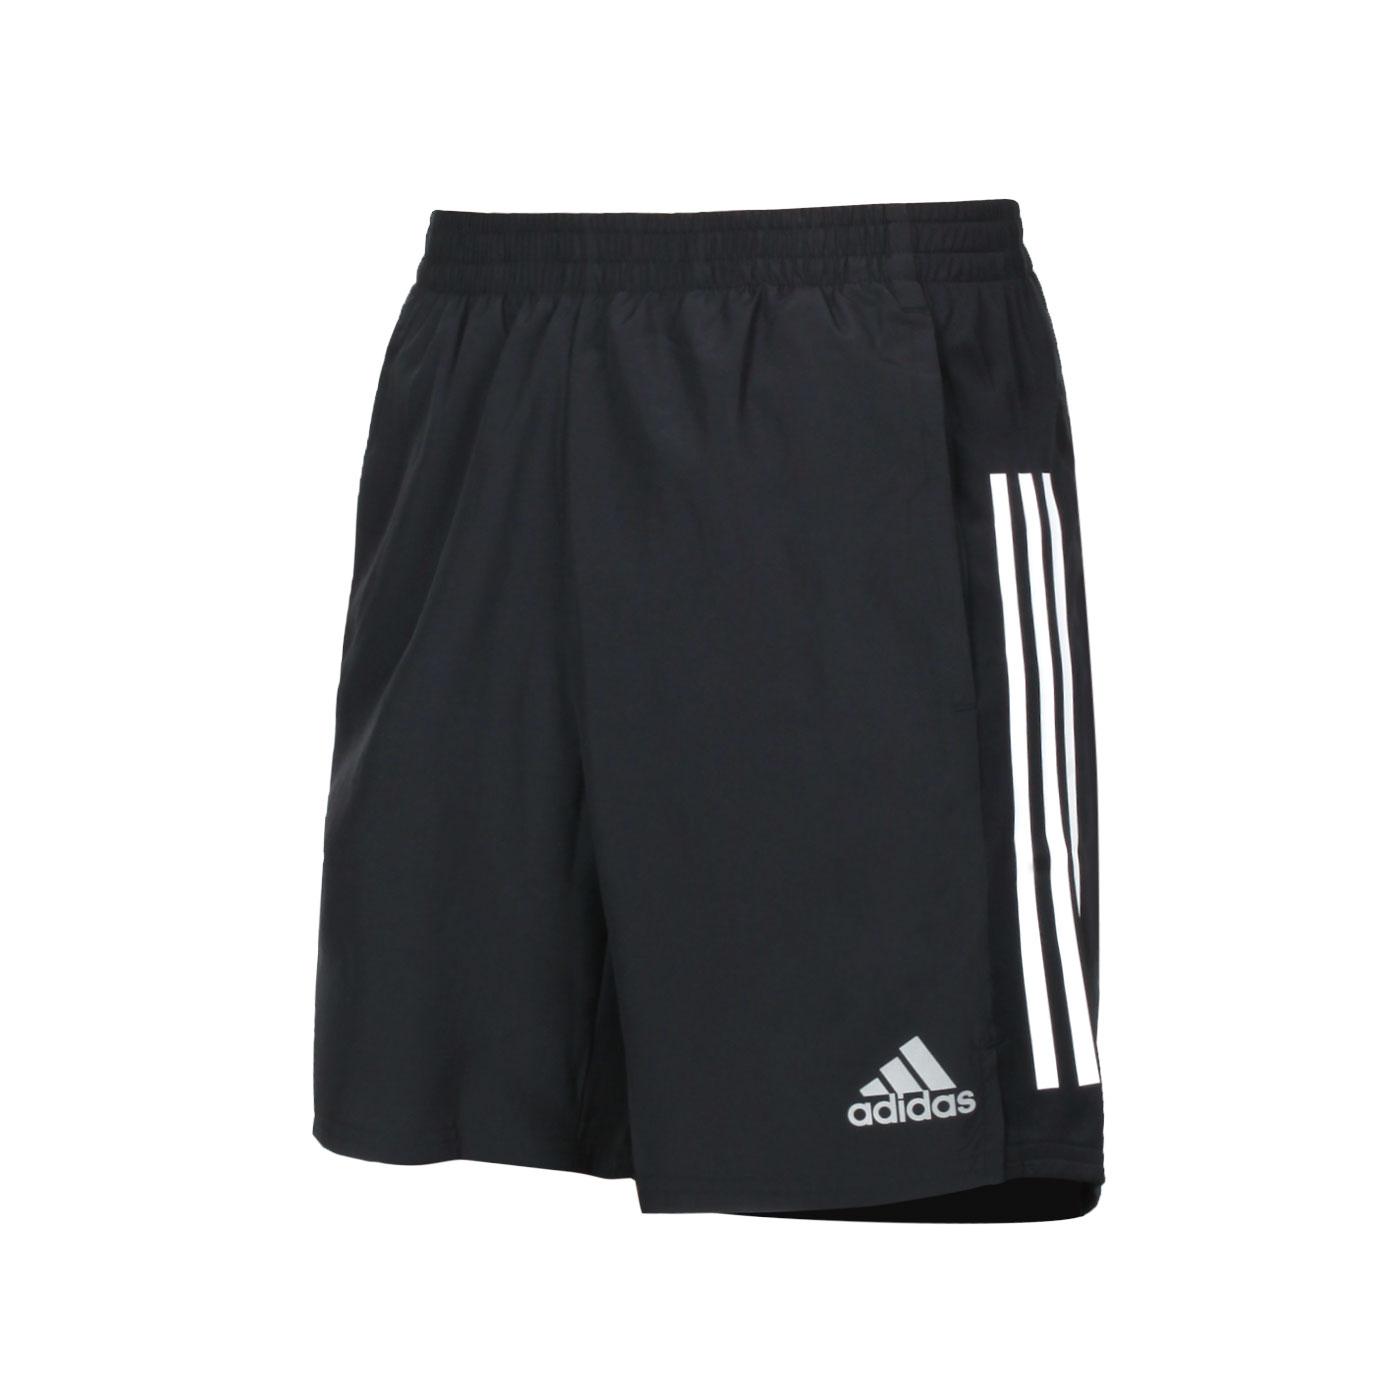 ADIDAS 男款運動短褲 GQ9352 - 黑白